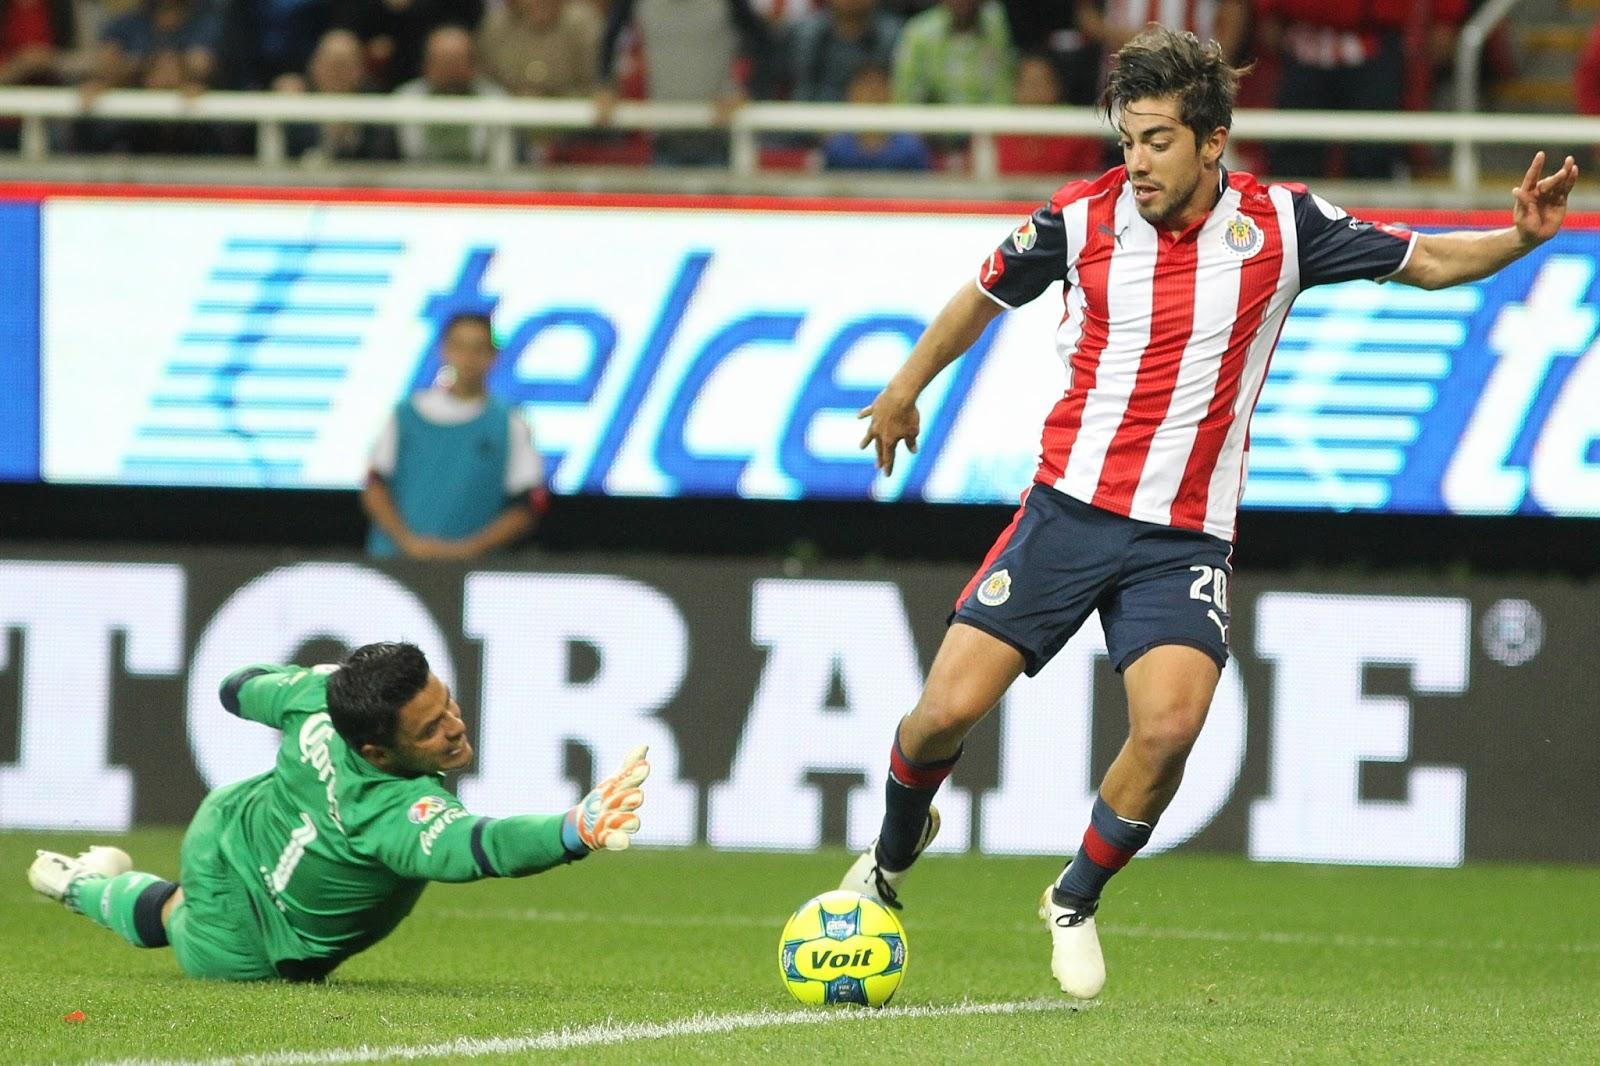 Tras acabar en el cuarto lugar de la clasificación general, Chivas recibe este duelo en casa.